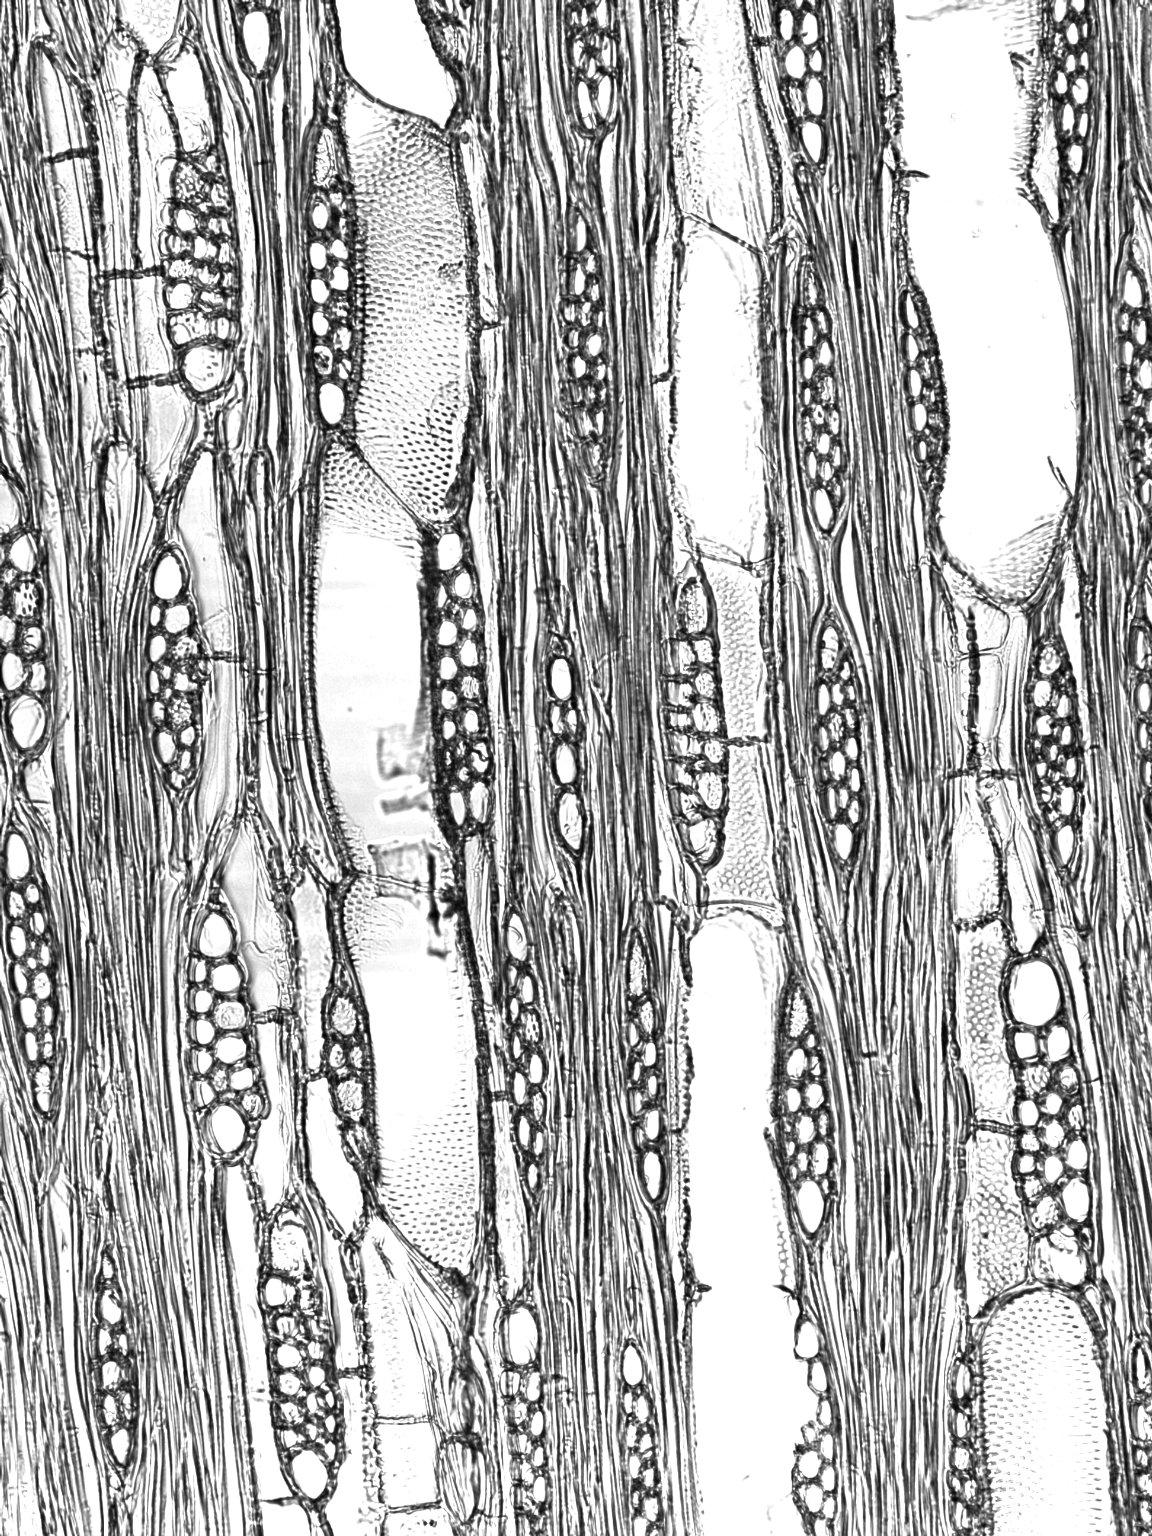 BIGNONIACEAE Zeyheria montana